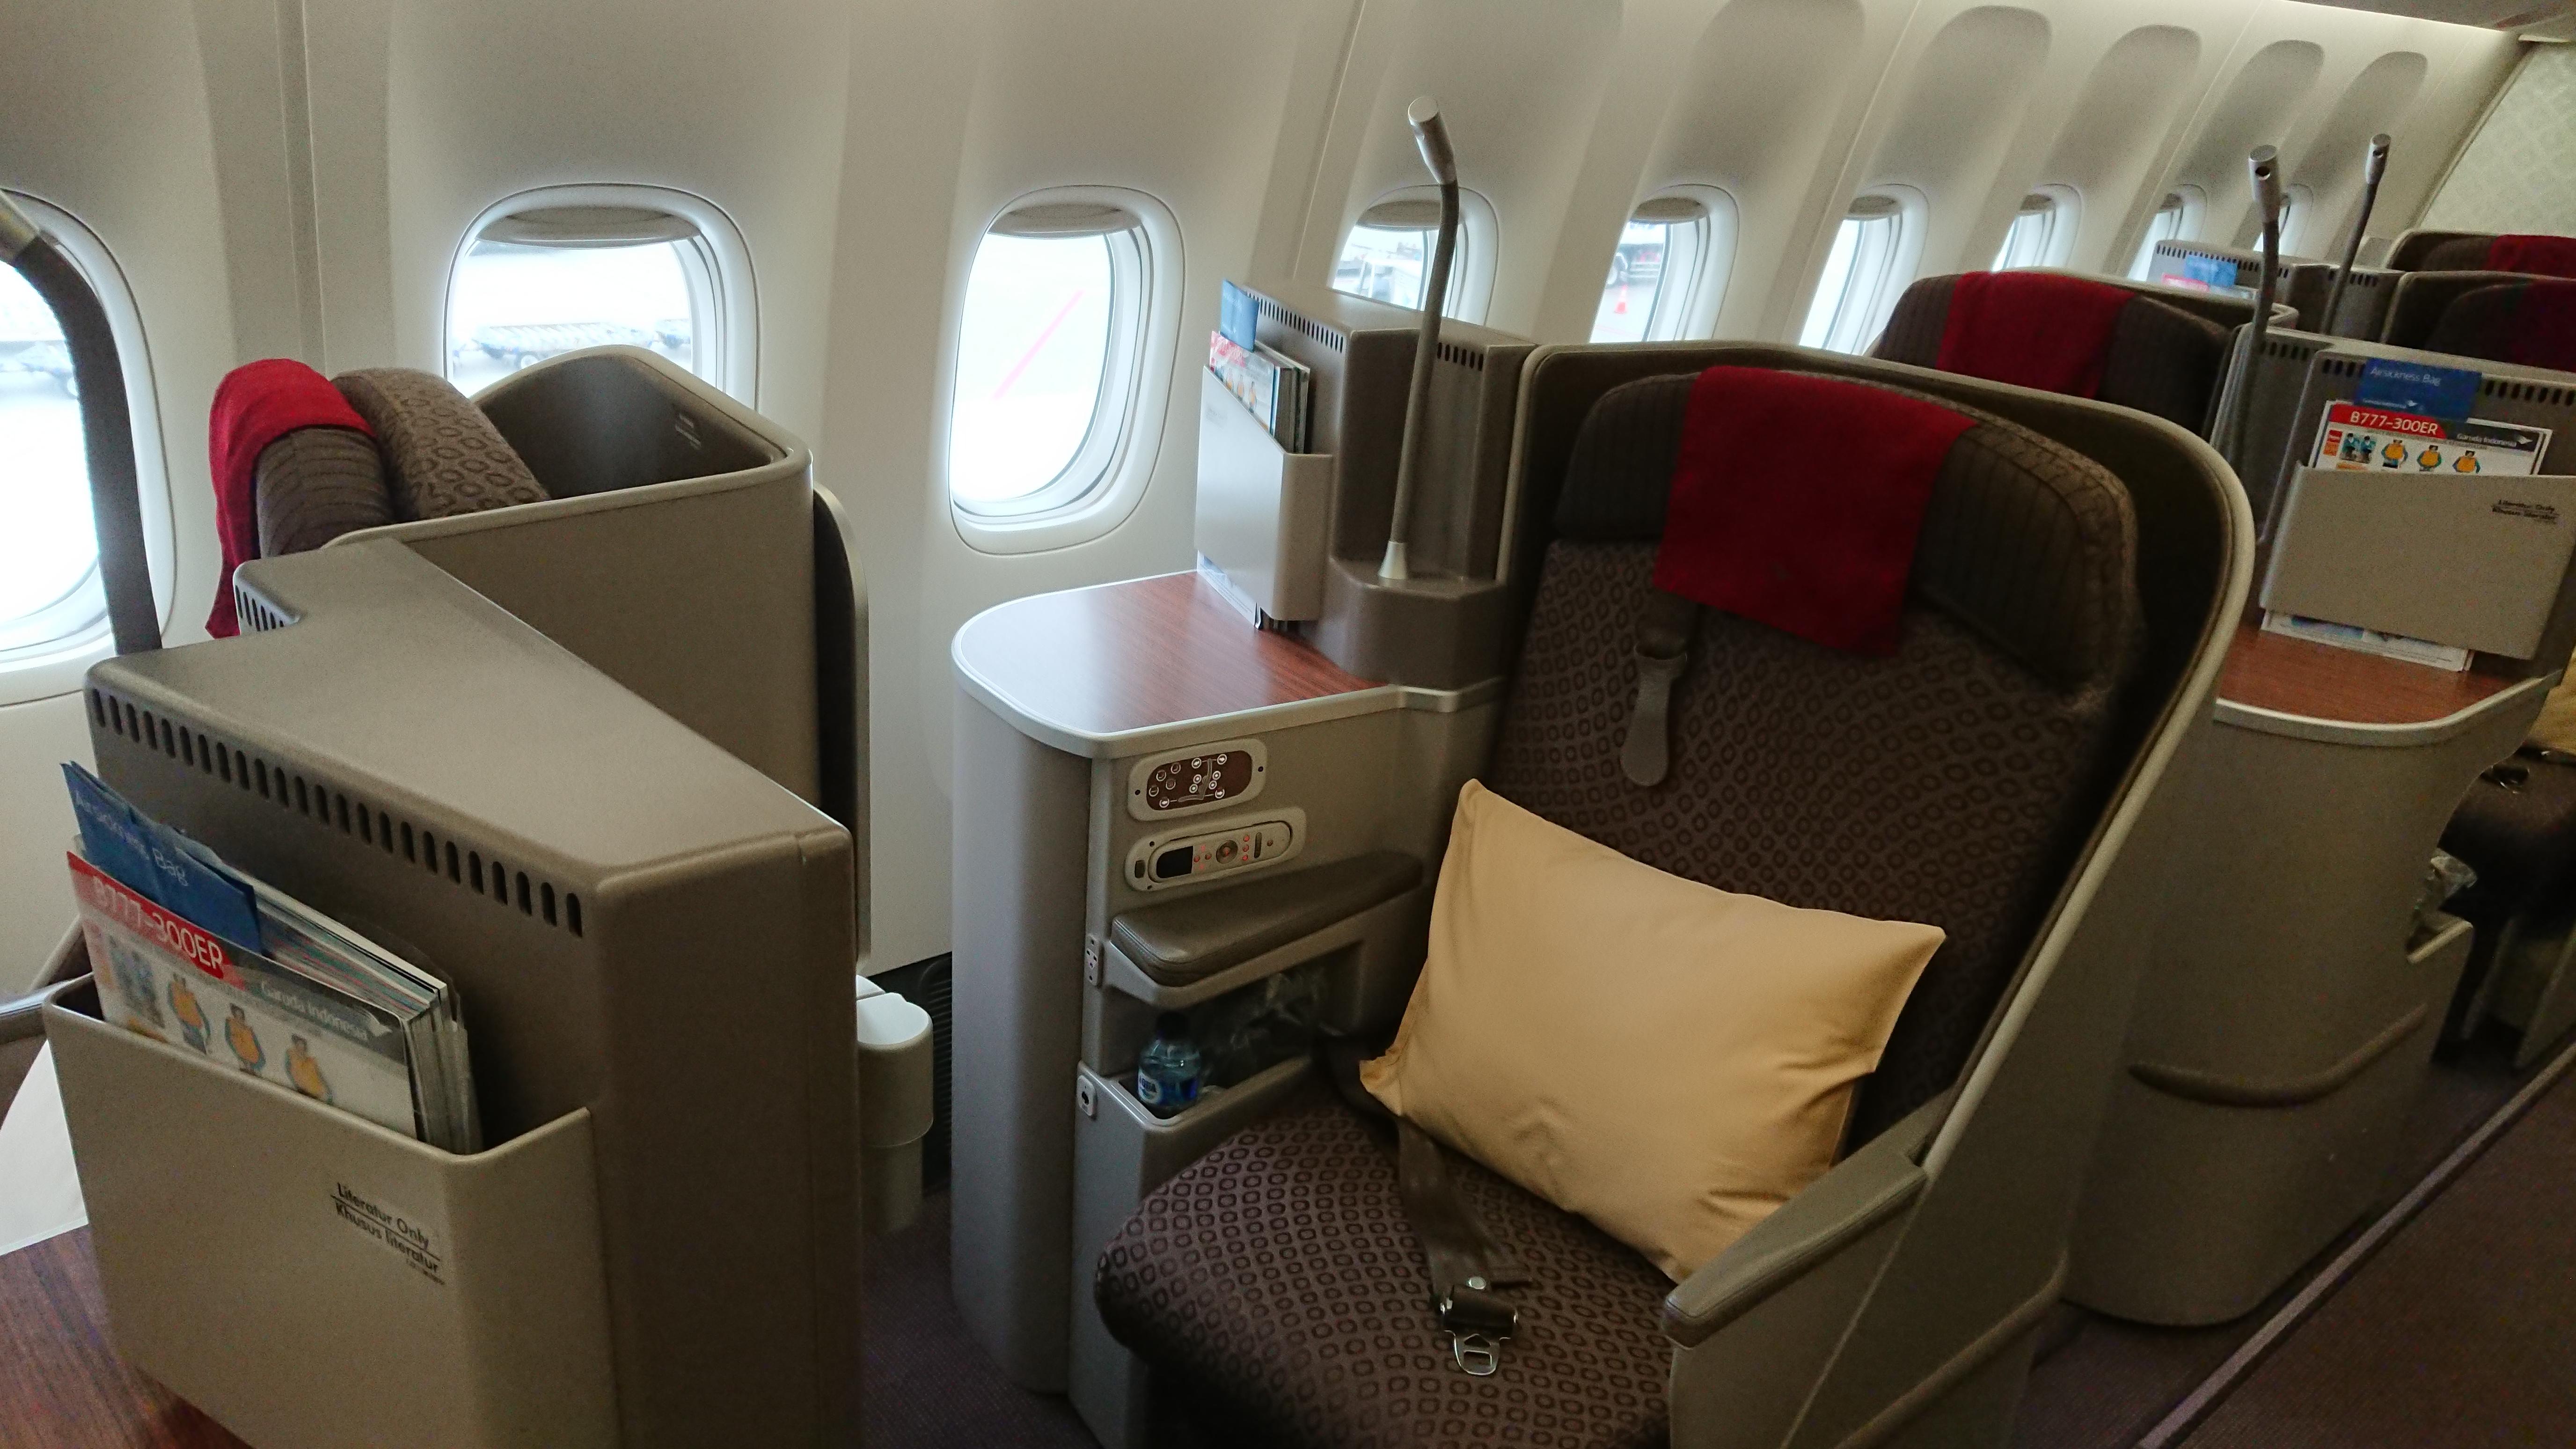 ガルーダインドネシア航空 ボーイング777-300ER機